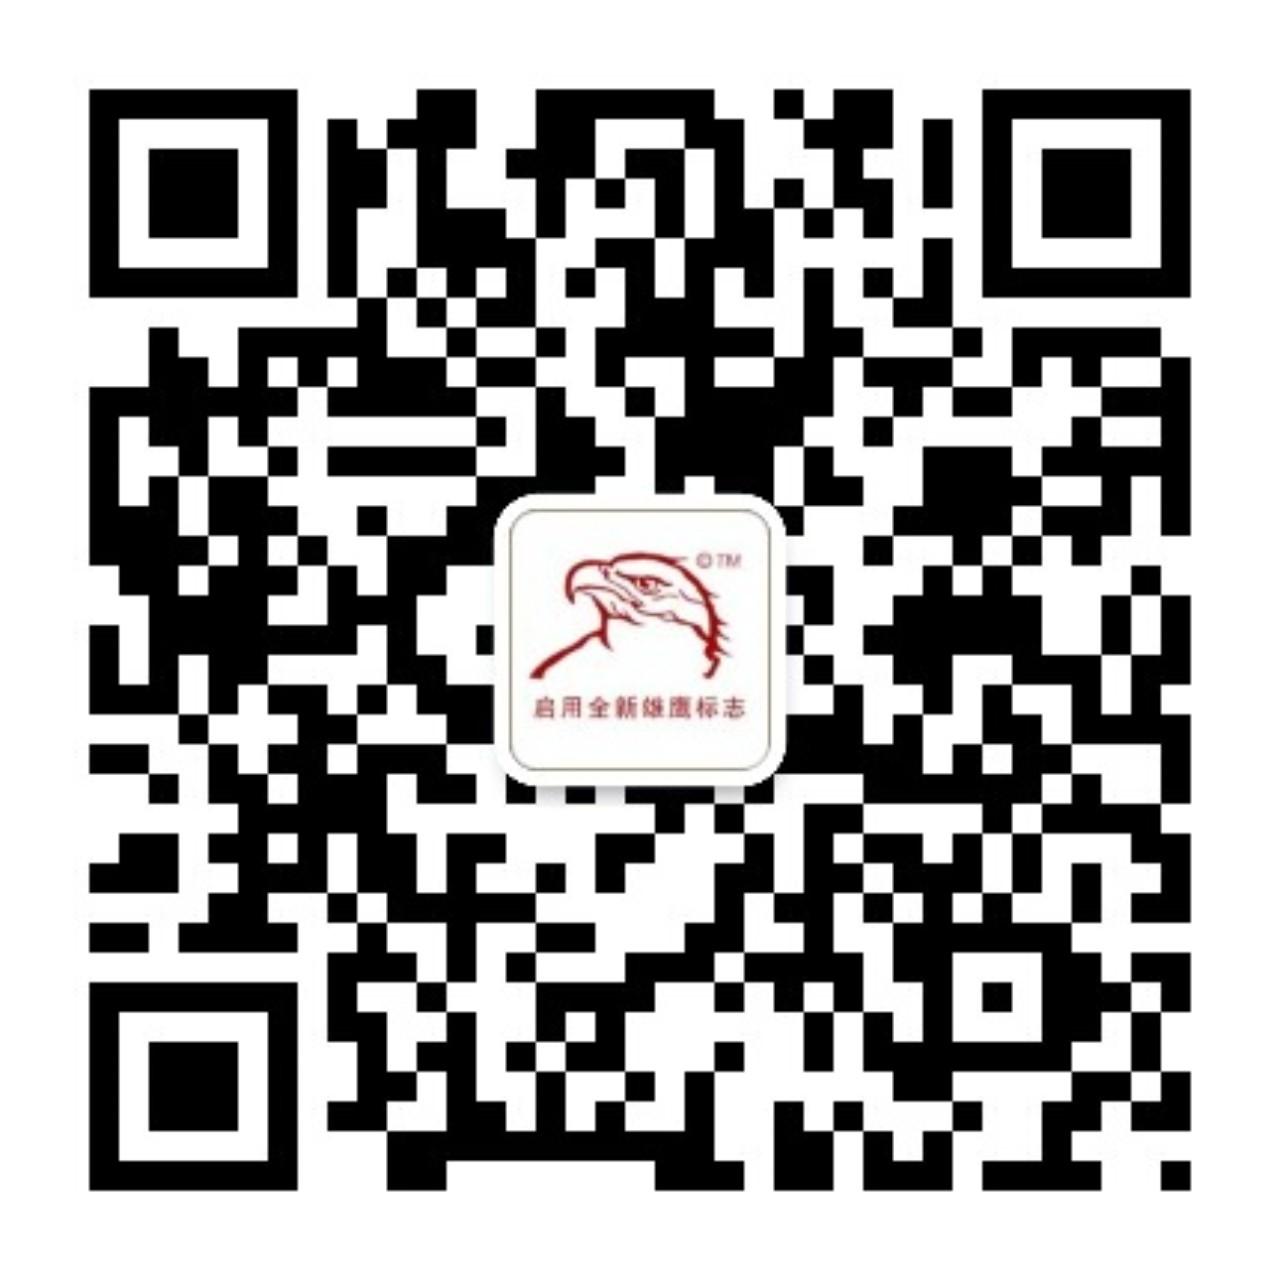 惠来招聘网微信公众号